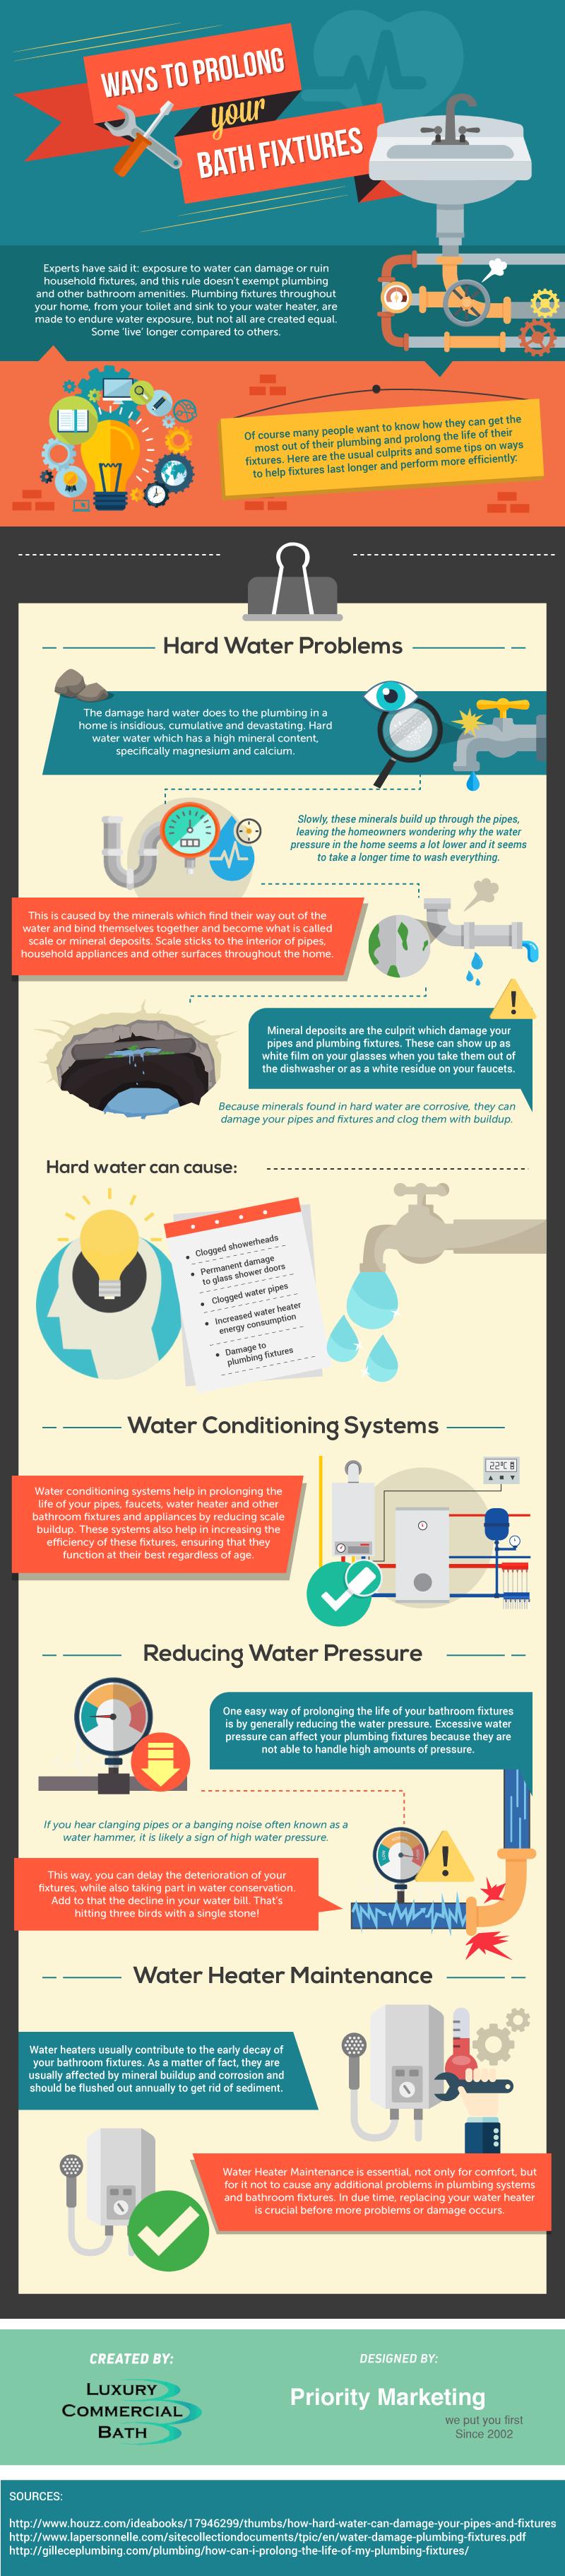 bath-fixture-prolongation-info